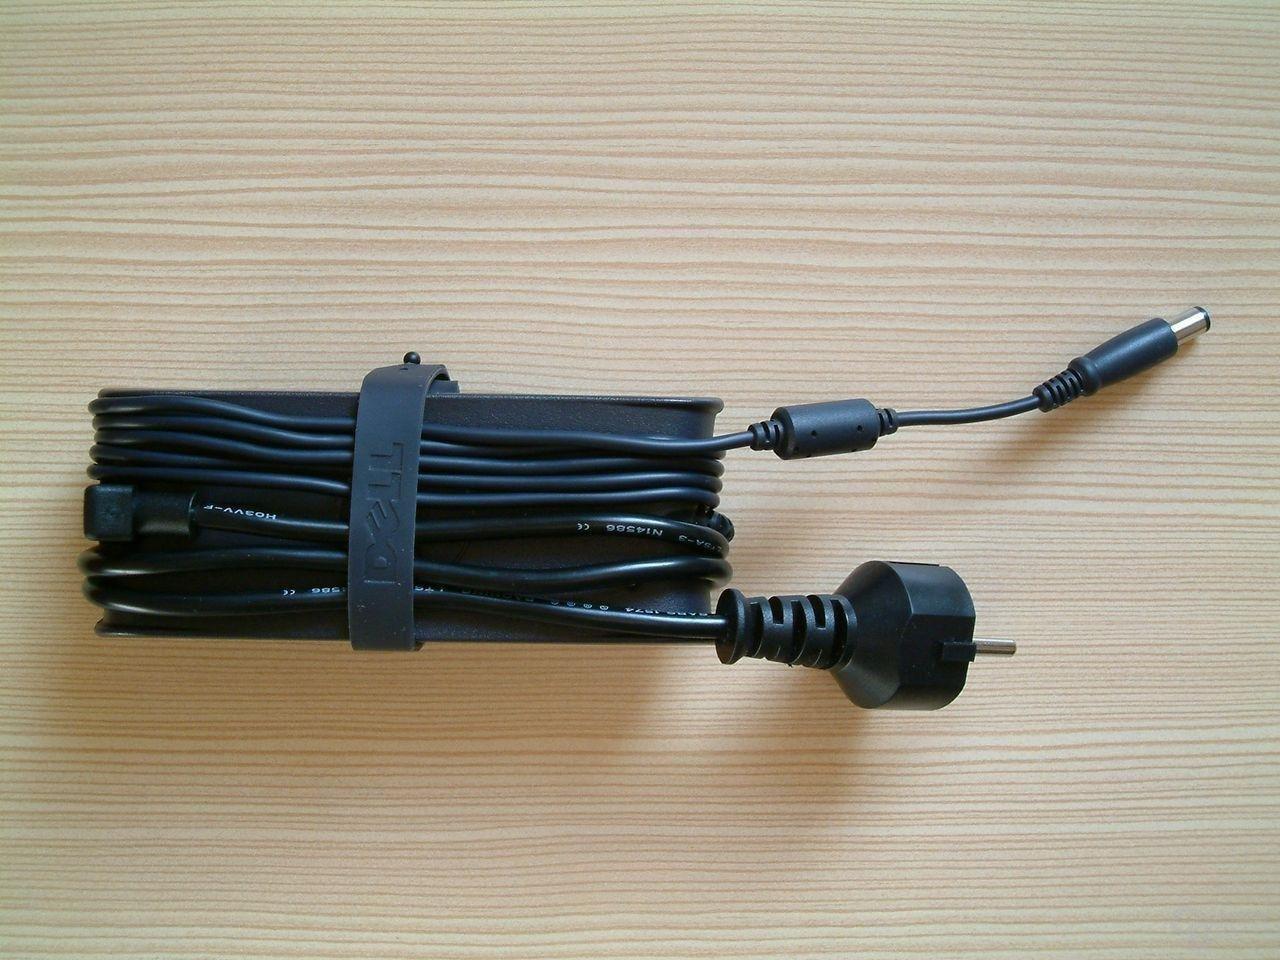 Netzteil mit integriertem Kabelbinder